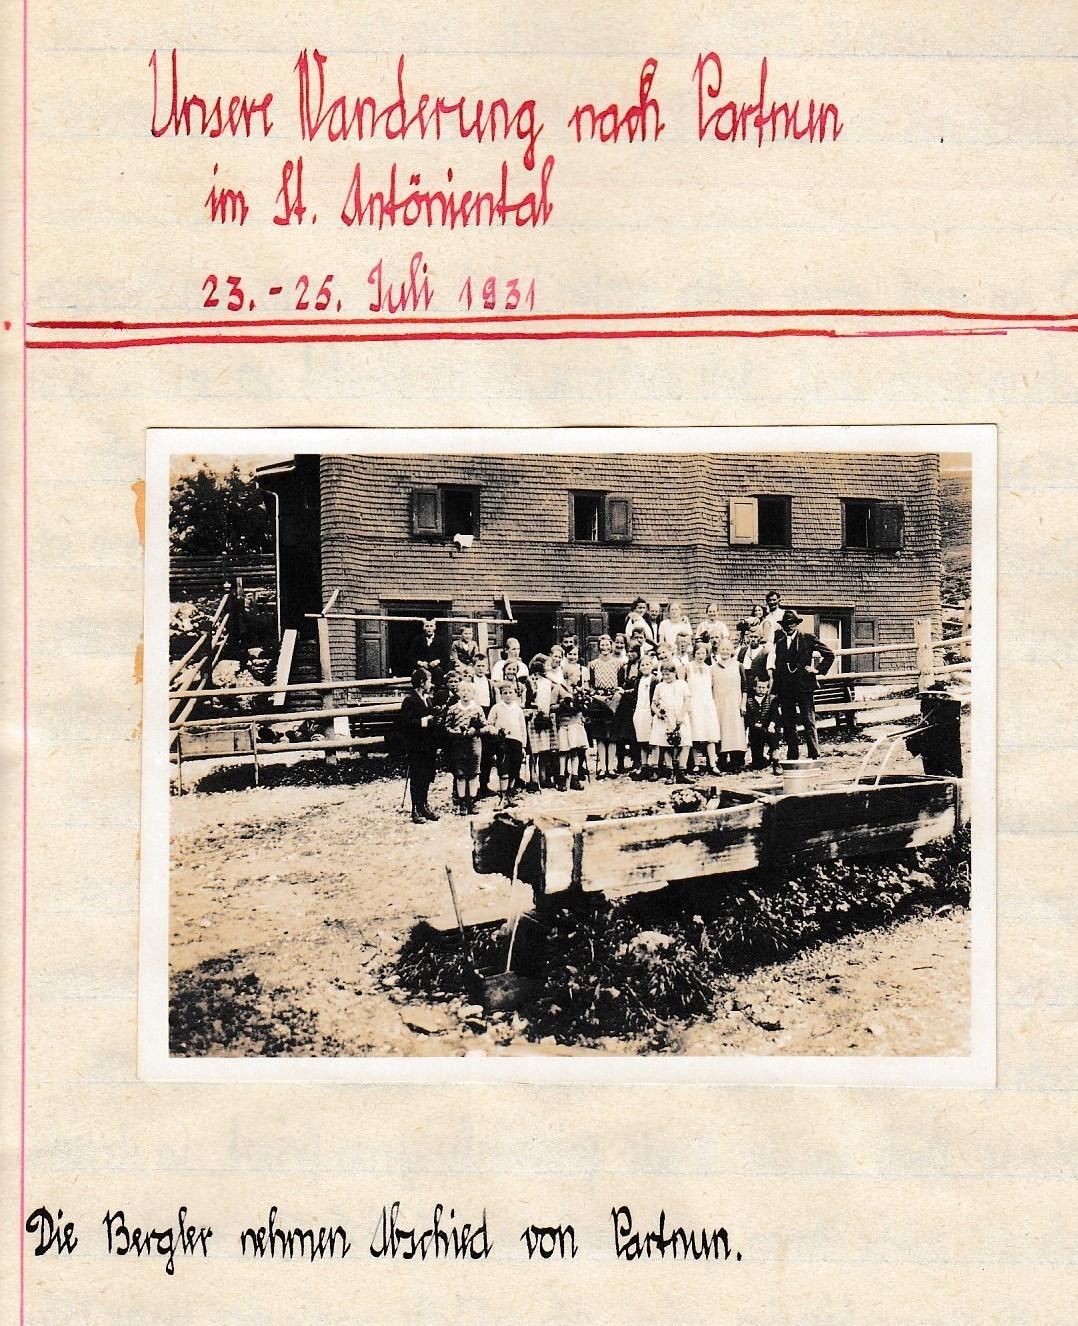 Bericht von der Wanderung der Schule Berg nach Partun von 1931.